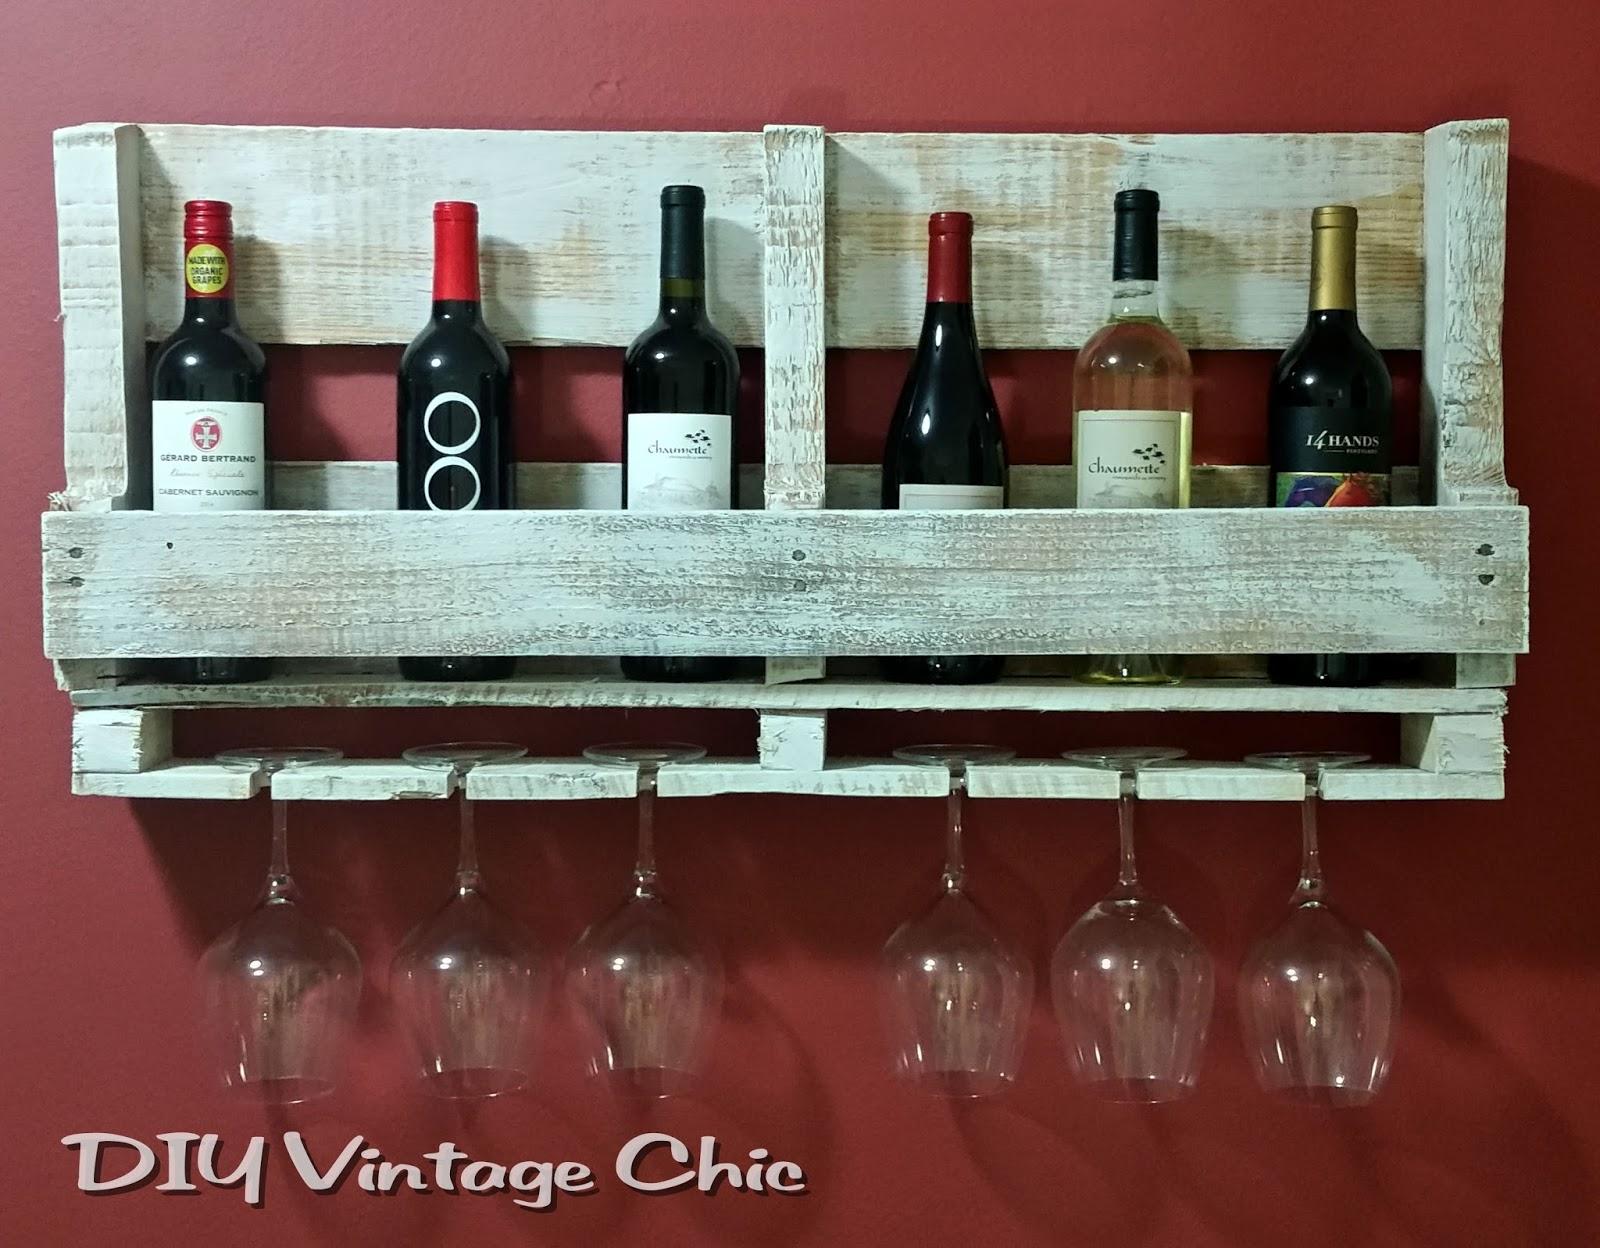 Diy vintage chic pallet wine rack for Pallet wine bar